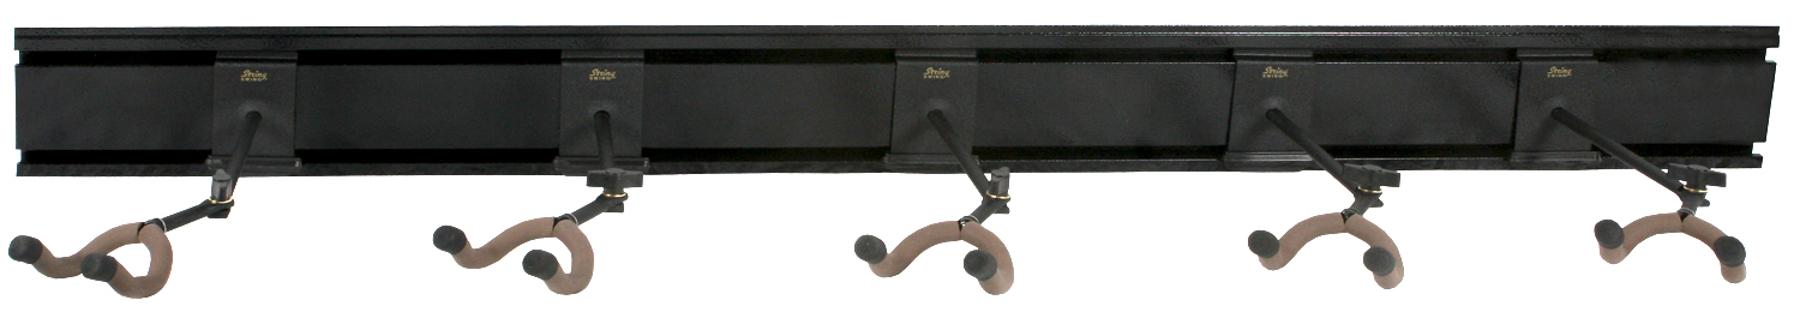 String Swing SW5RL  Hanger System, 5 Instrument SW5RL